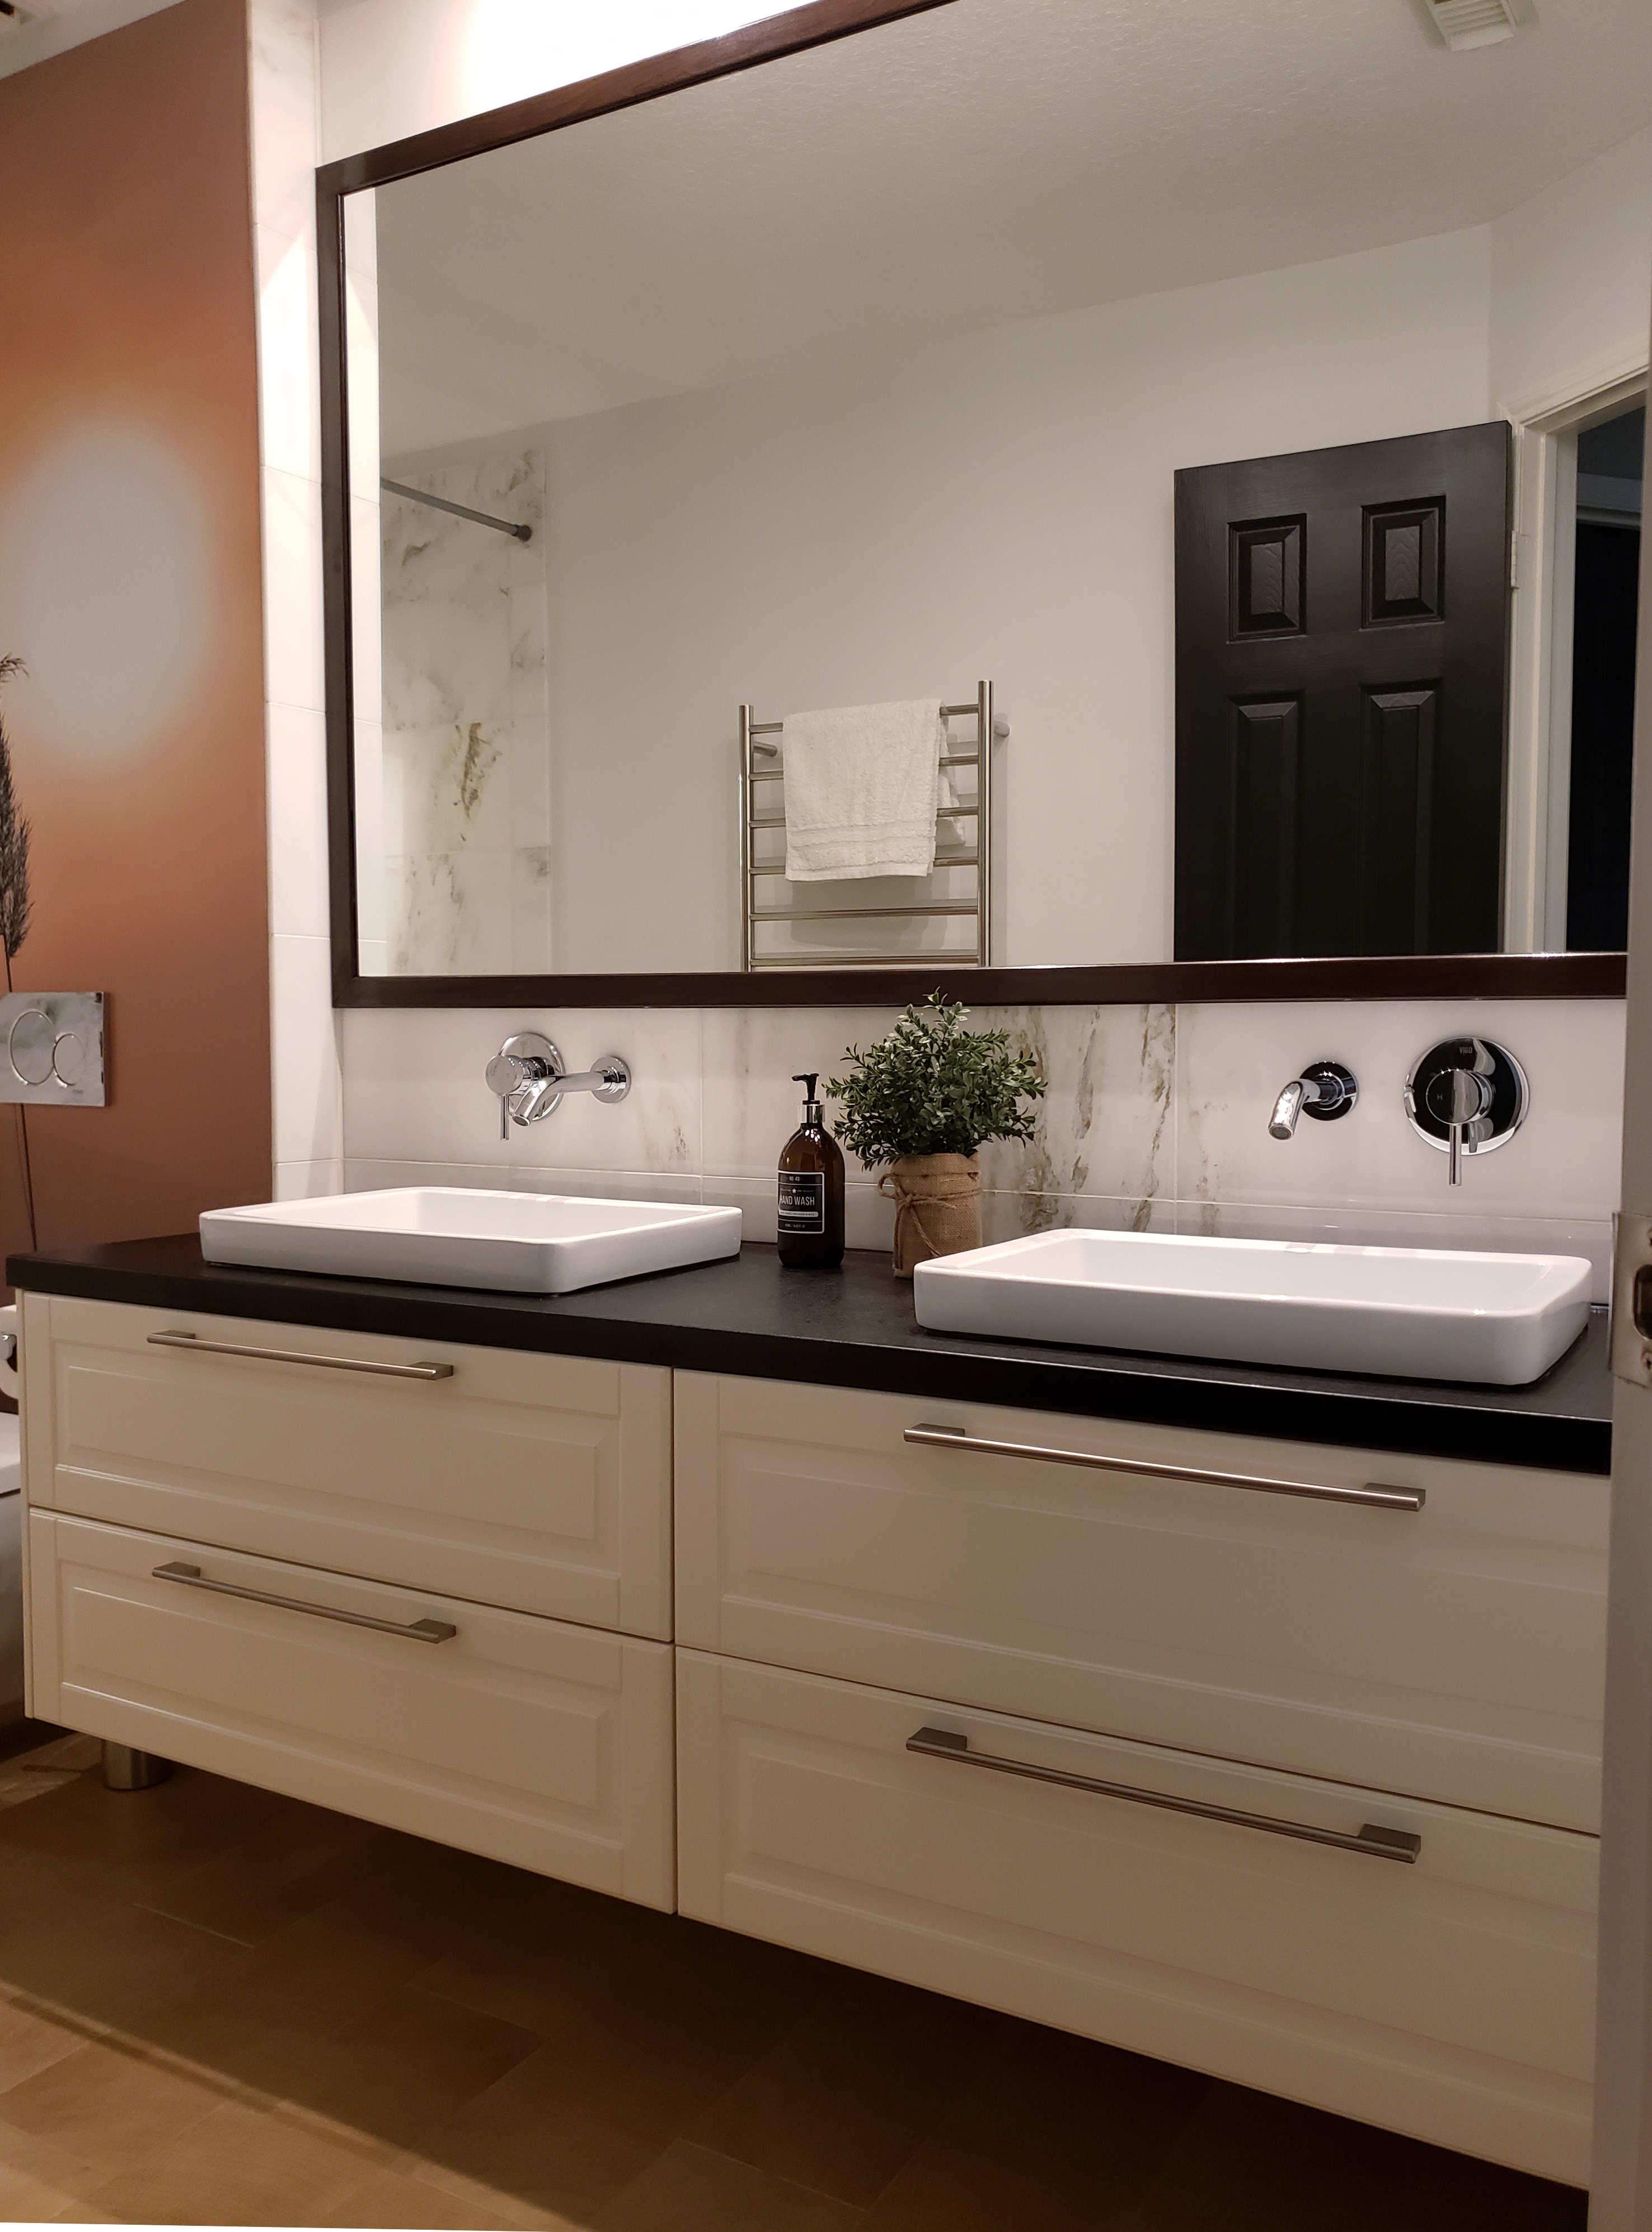 vanity bathroom remodeling, Katy